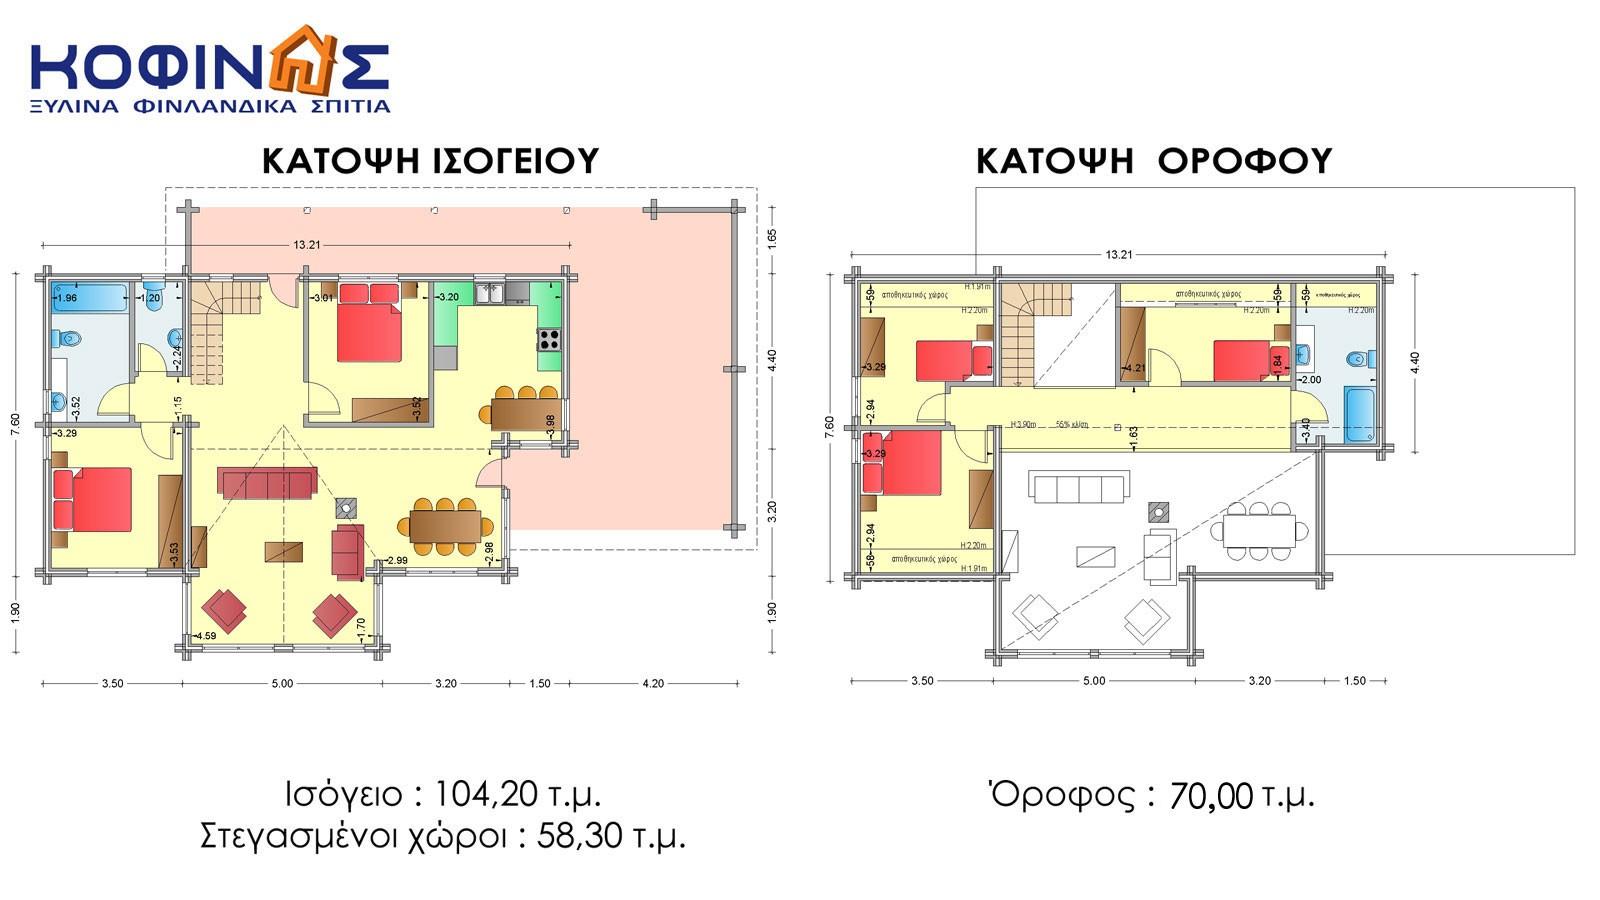 Διώροφη Ξύλινη Κατοικία XD-174, συνολικής επιφάνειας 174,20 τ.μ.